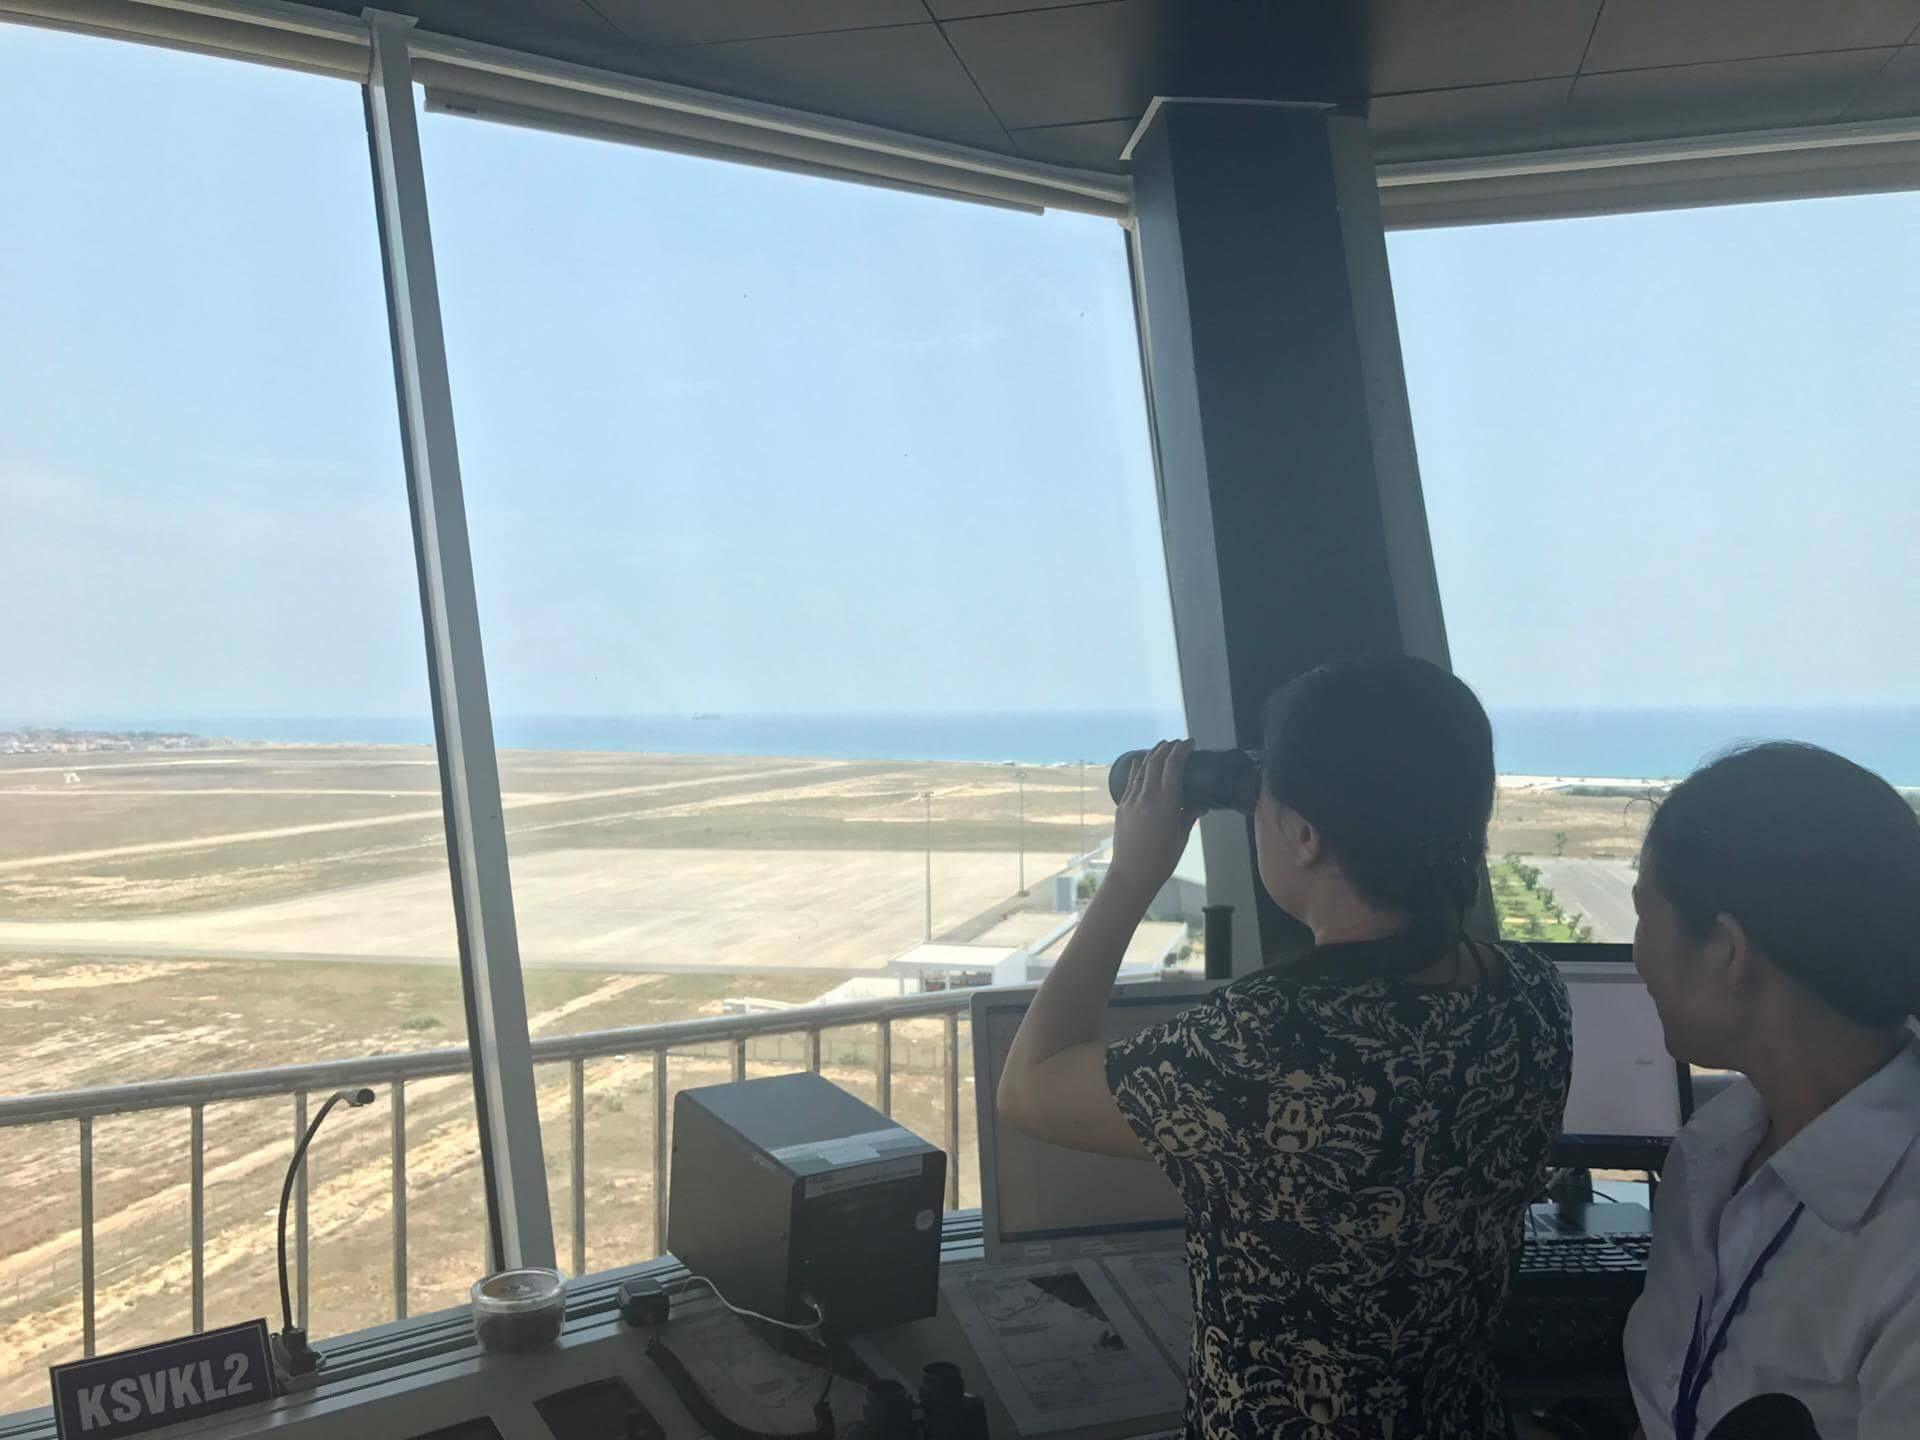 Tiếp nhận công tác dự báo cho sân bay Tuy Hòa và Cam Ranh từ Công ty Quản lý bay miền Trung về Công ty Quản lý bay miền Nam